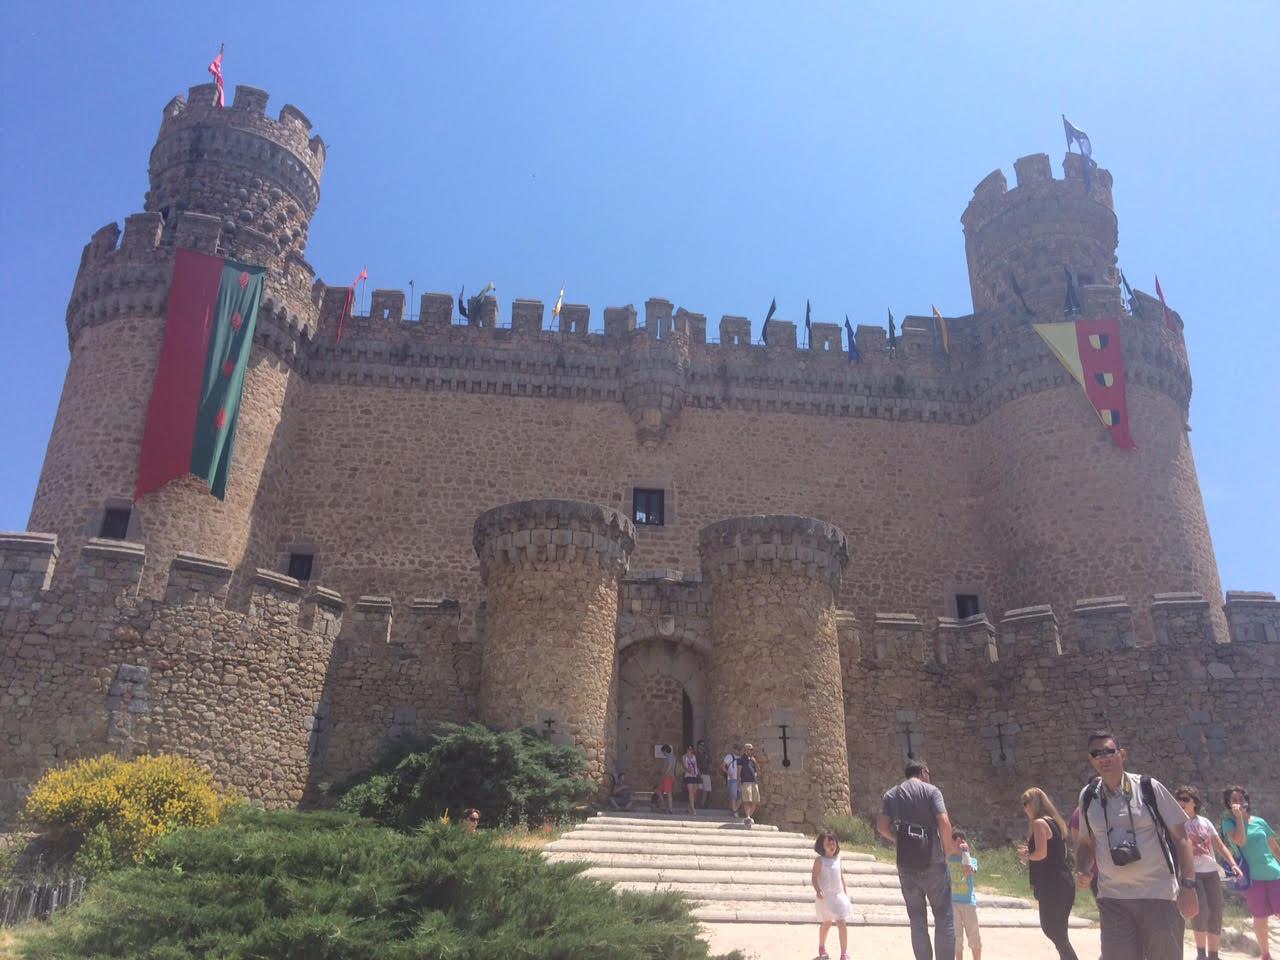 Fin de semana medieval en el Castillo de Manzanares el Real (Madrid)